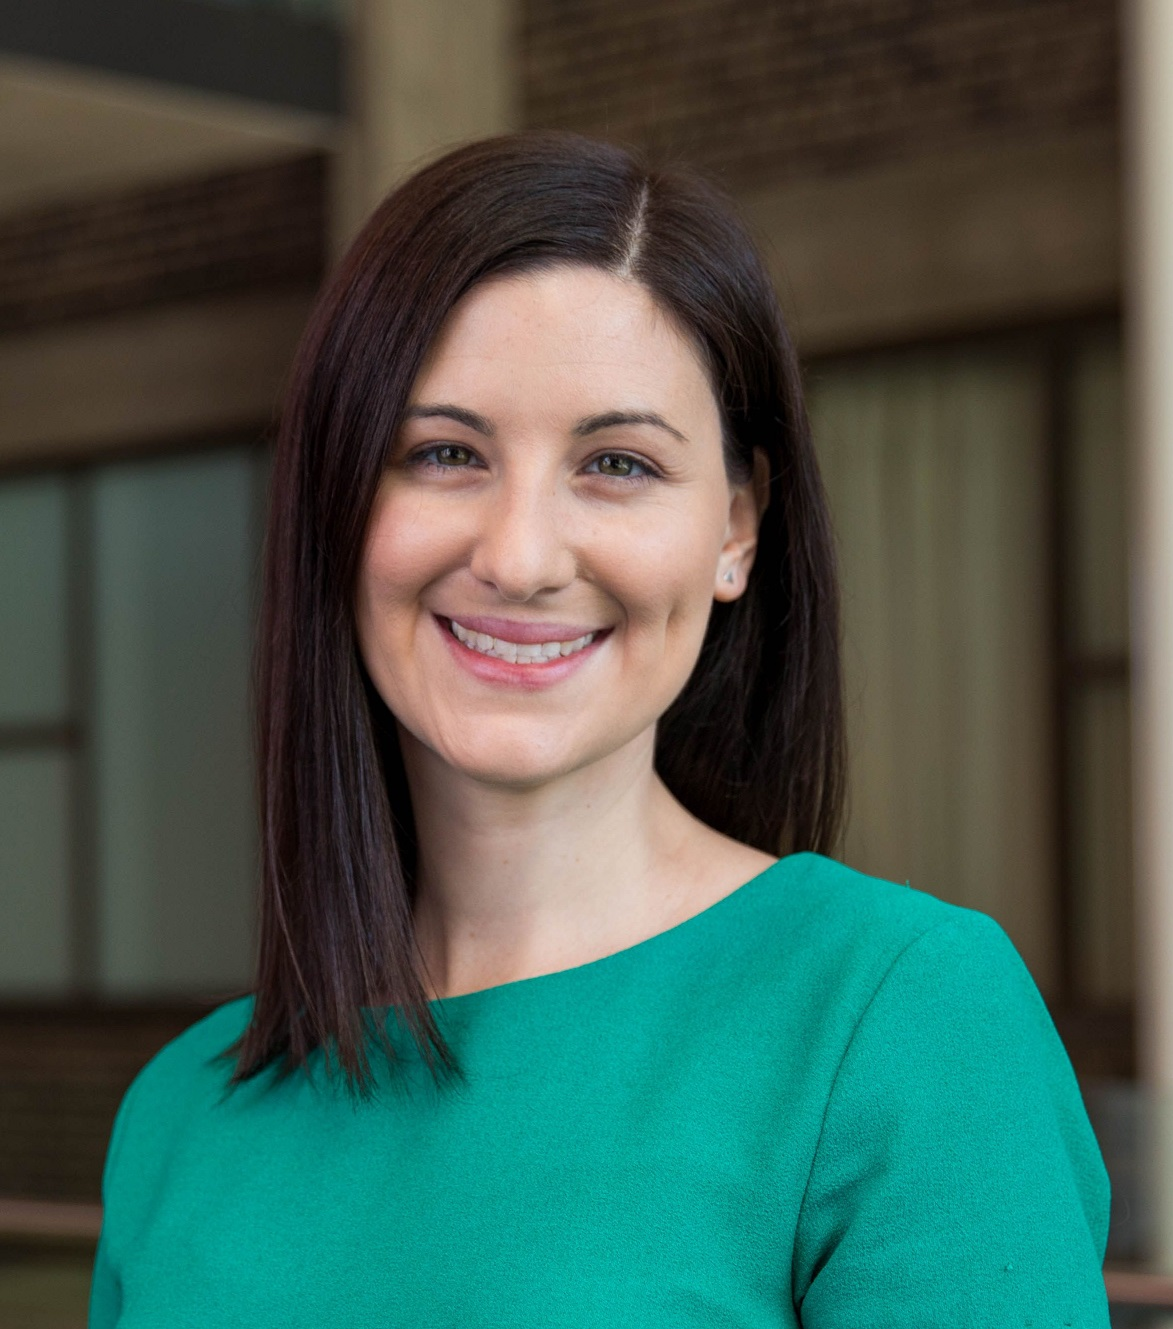 Dr Jasmine   Fardouly